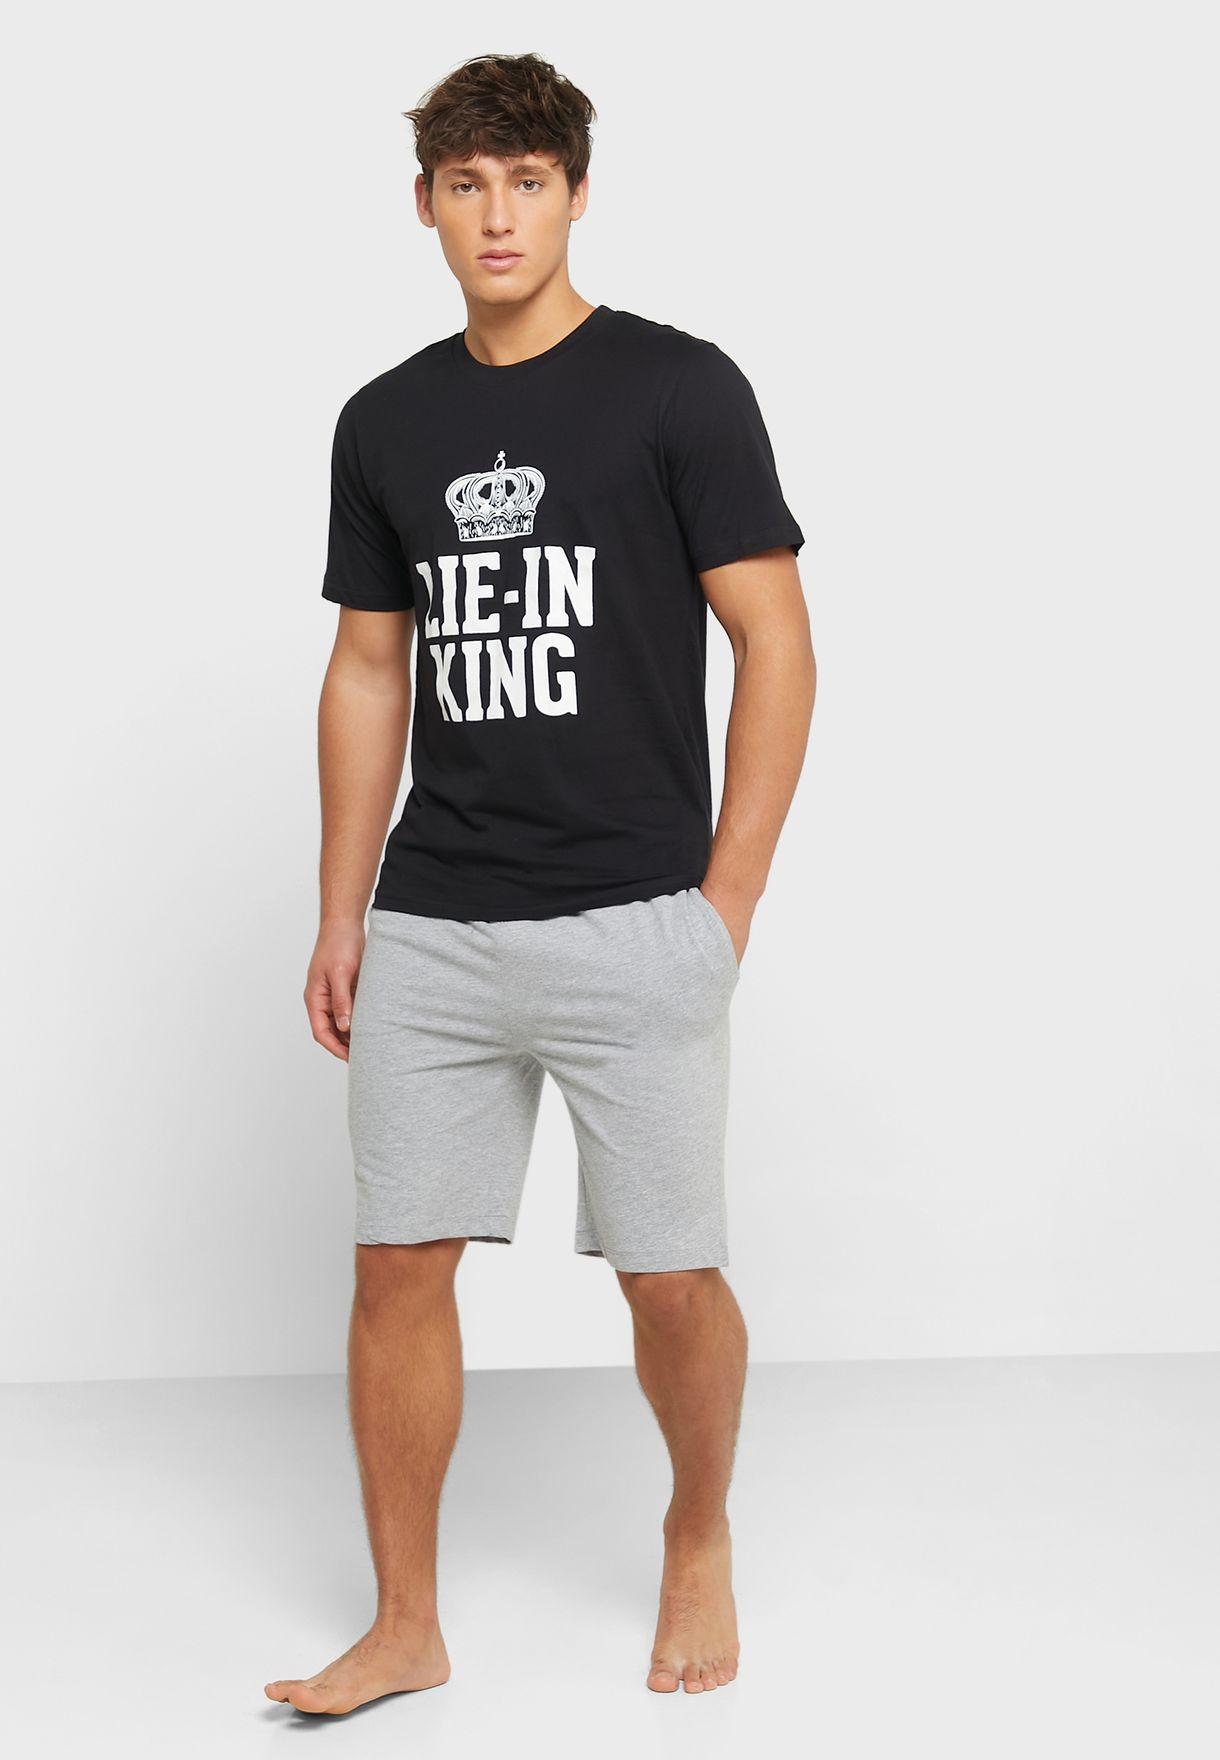 Lie-In King Pyjama Shorts Set